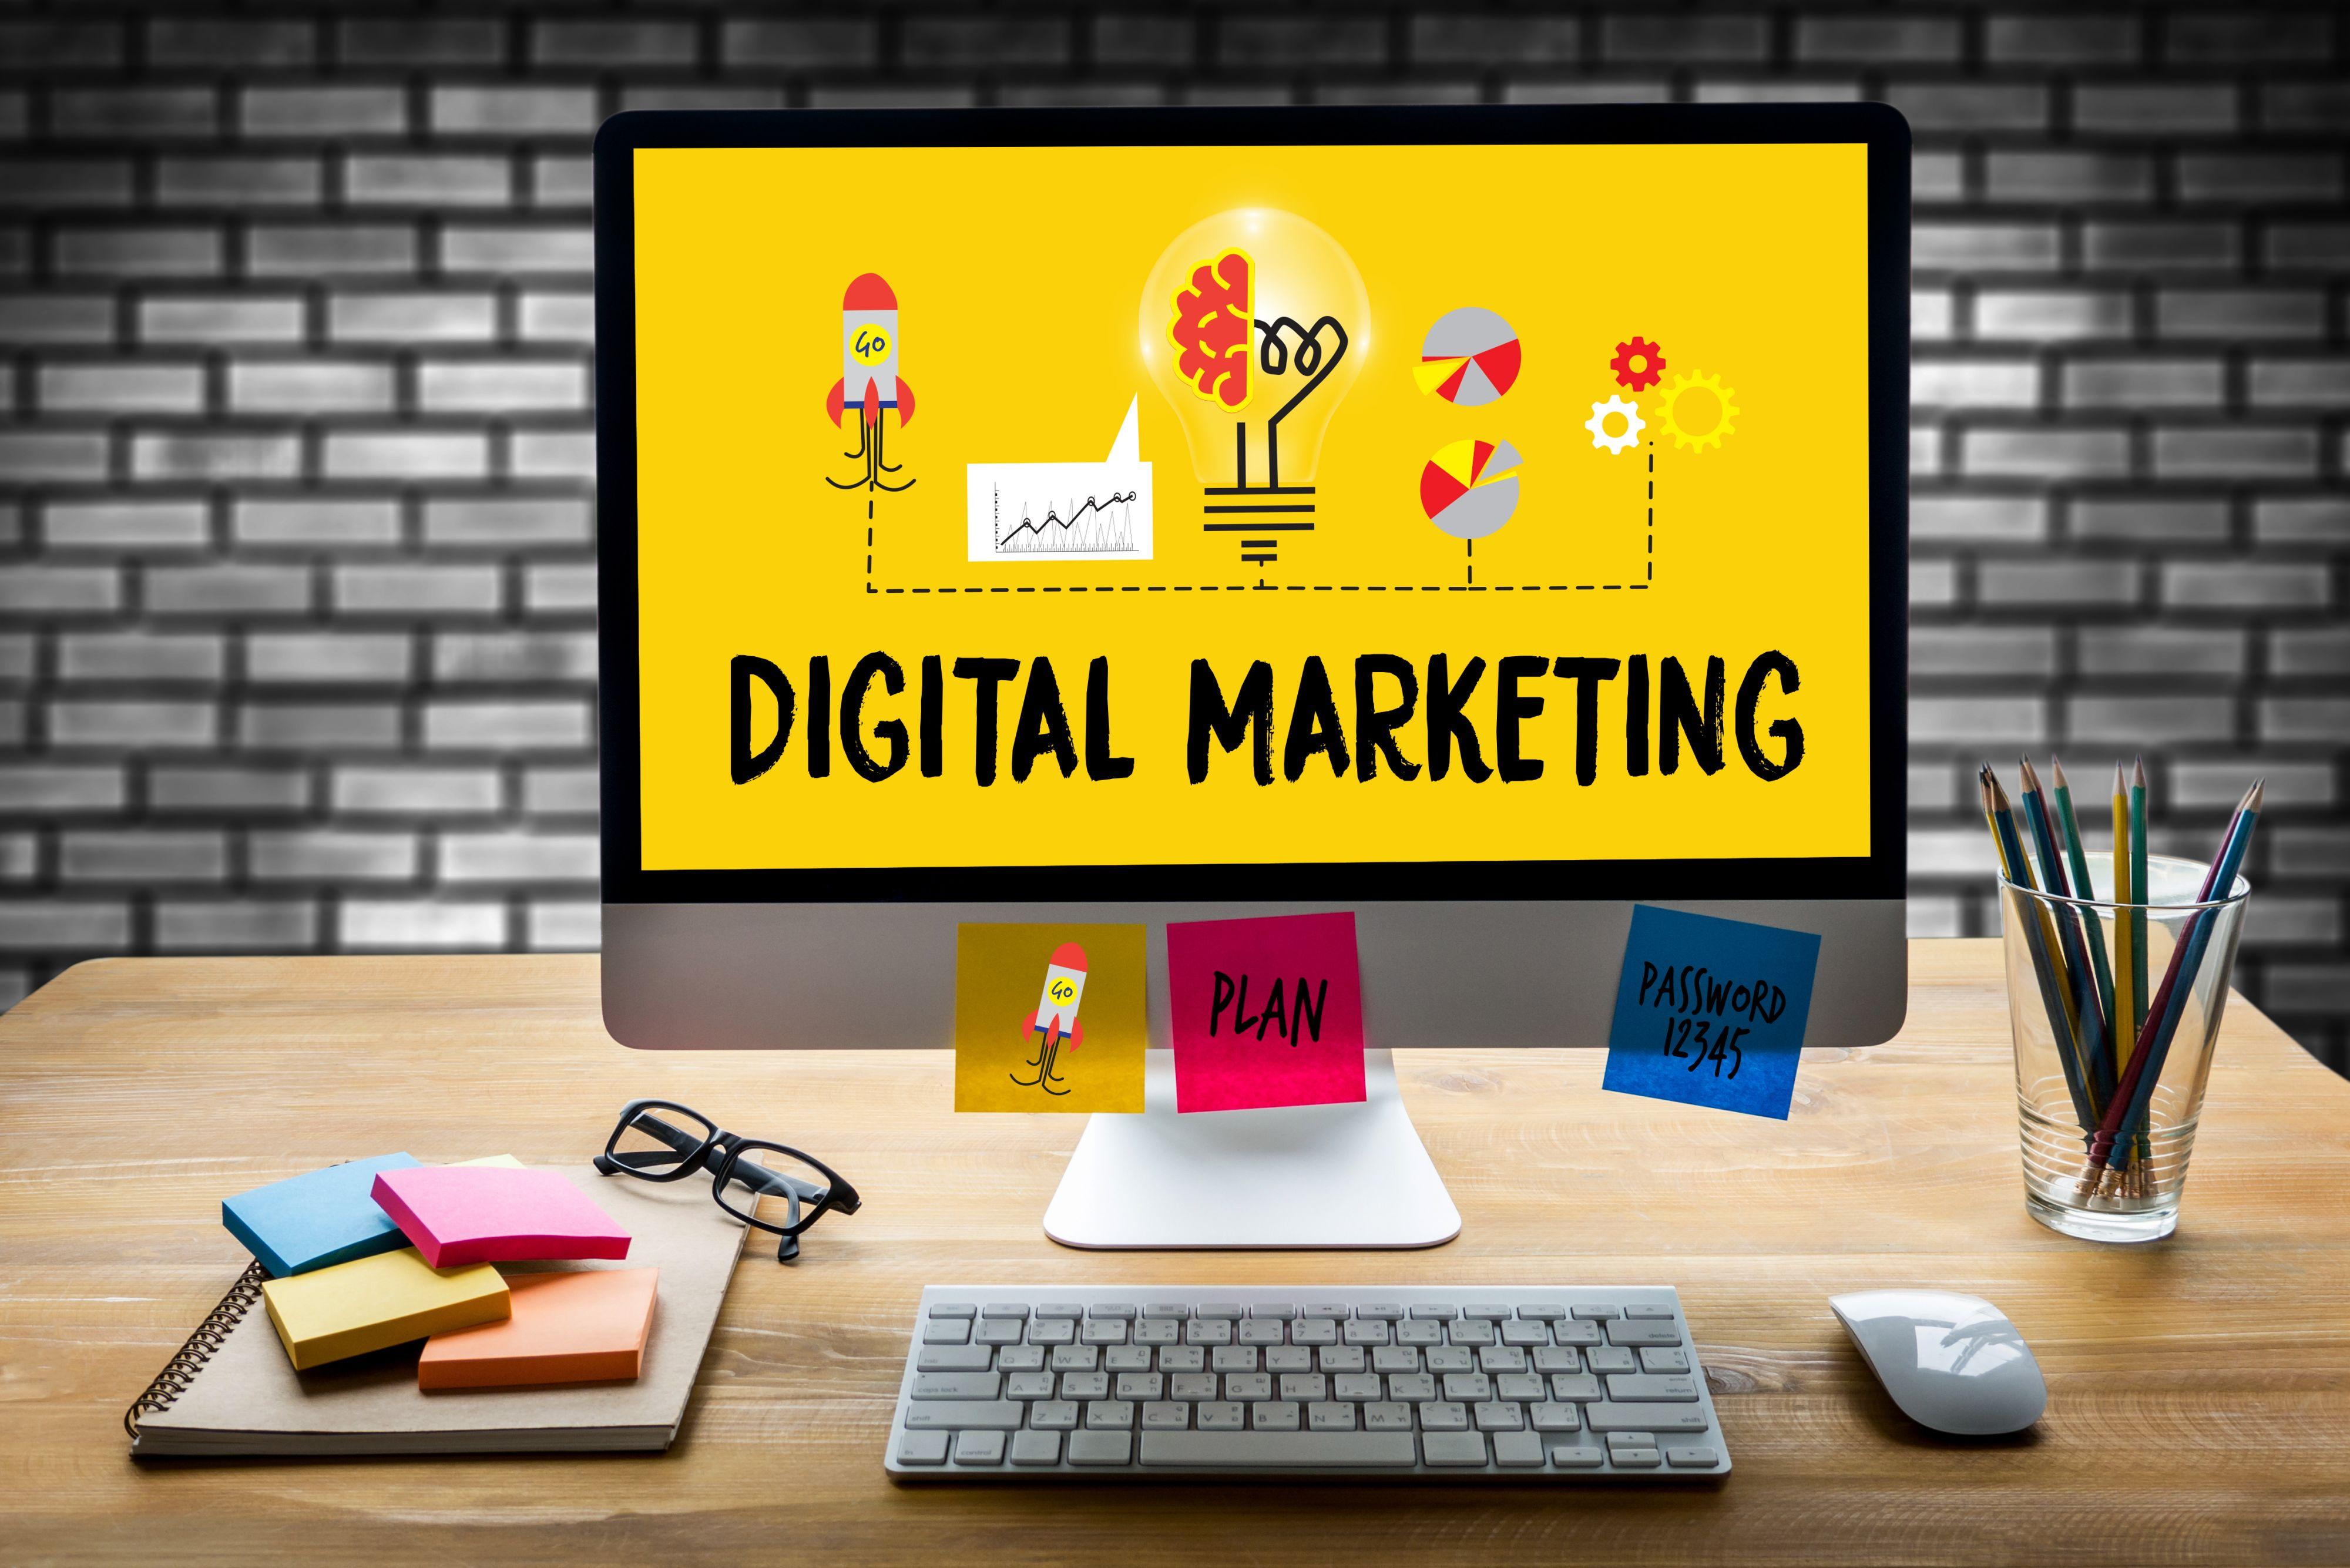 Najcenniejszymi pracownikami staną się ci, którzy są w stanie połączyć marketing z technologią i nie tylko odnajdą się w świecie martech. (Fot. Shutterstock)